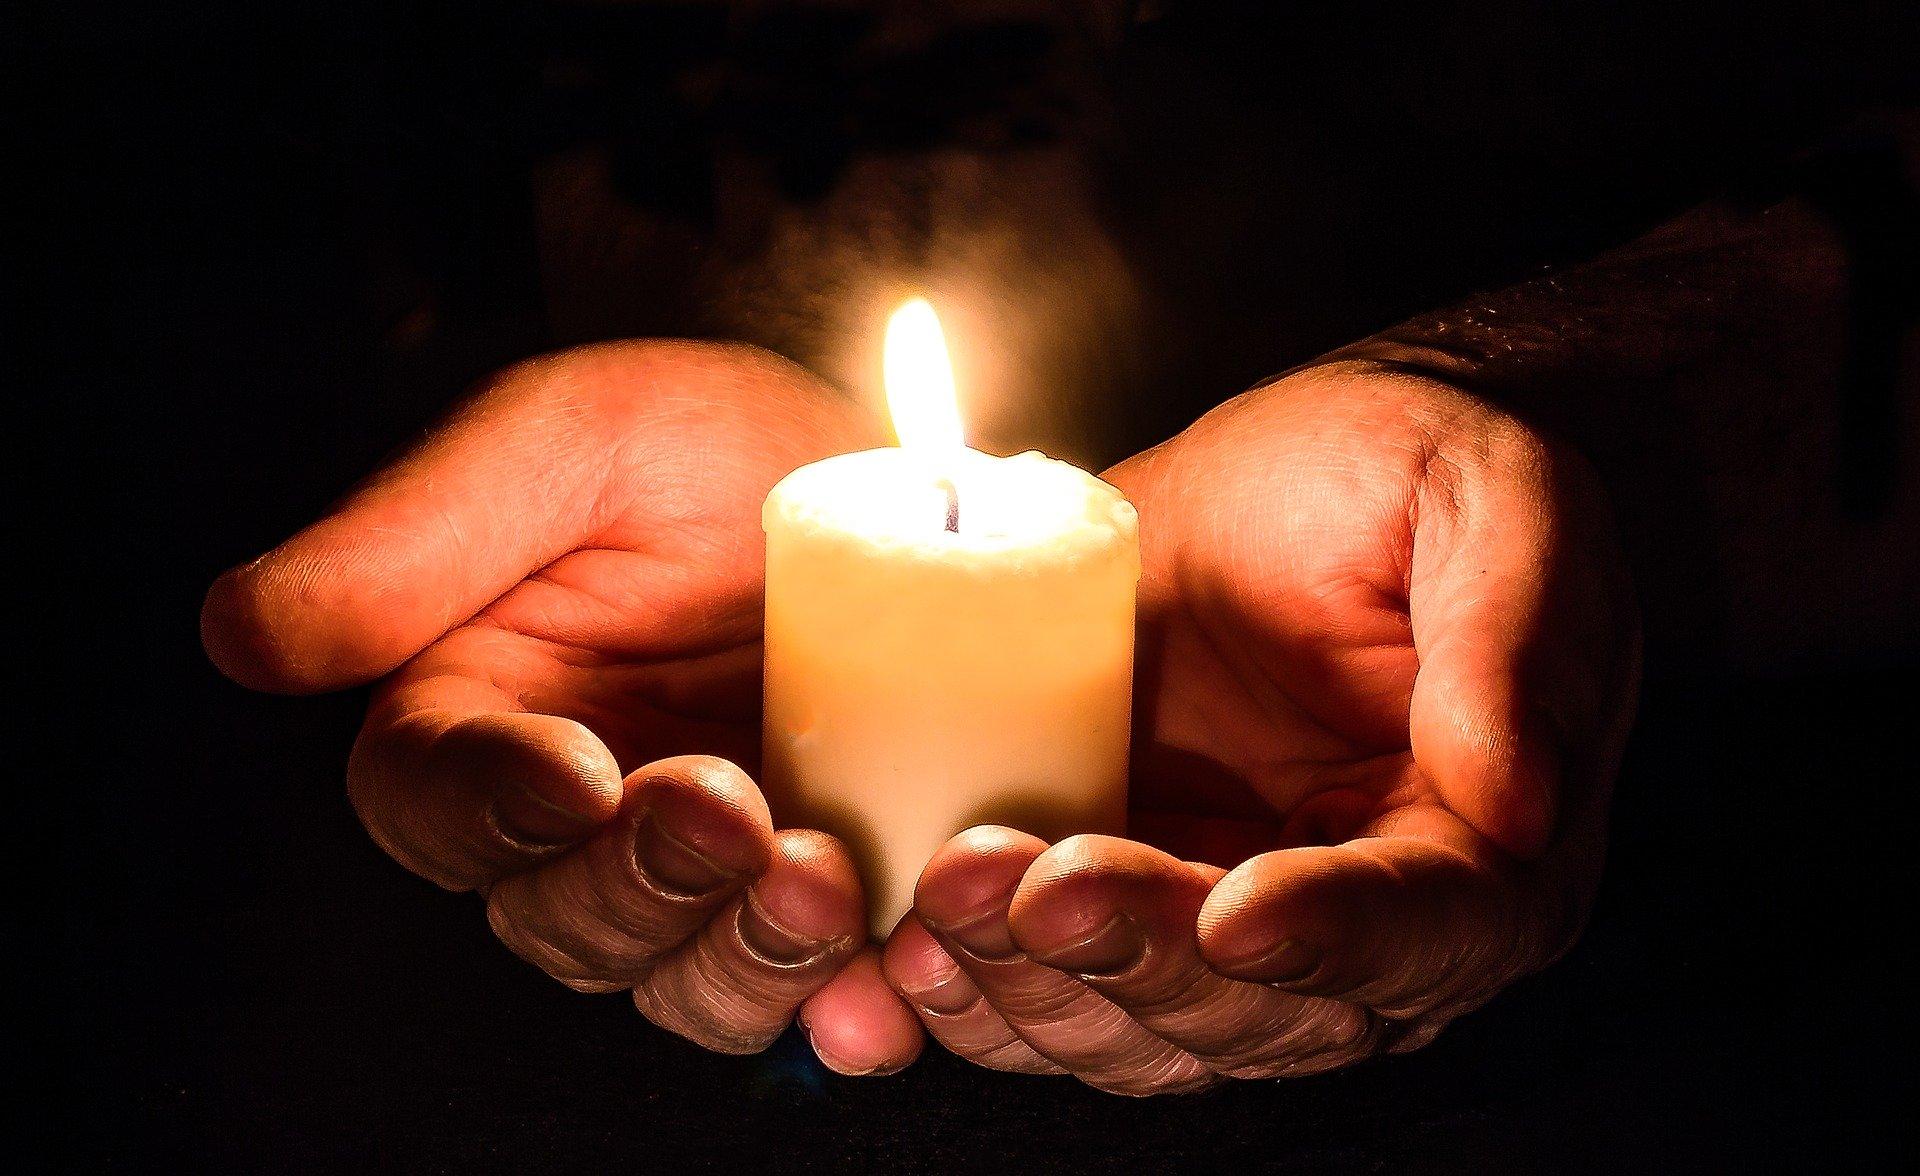 L'éloge funèbre, formidable hommage pour un proche décédé